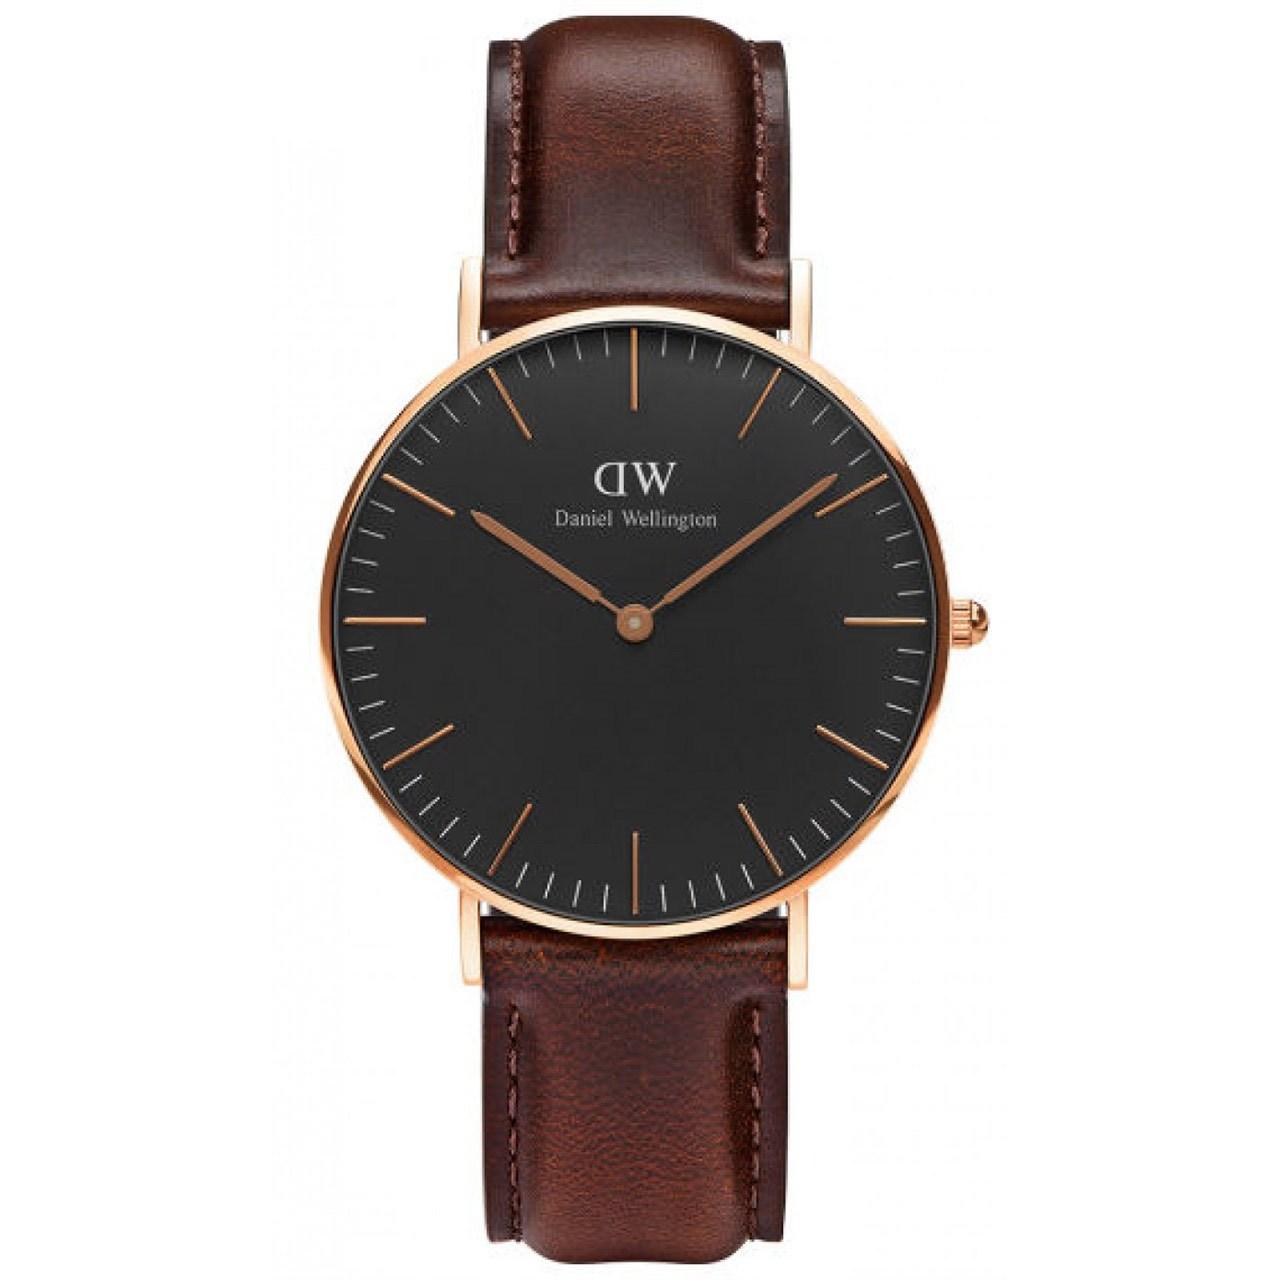 ساعت مچی عقربه ای مردانه دنیل ولینگتون مدل DW00100137              خرید (⭐️⭐️⭐️)